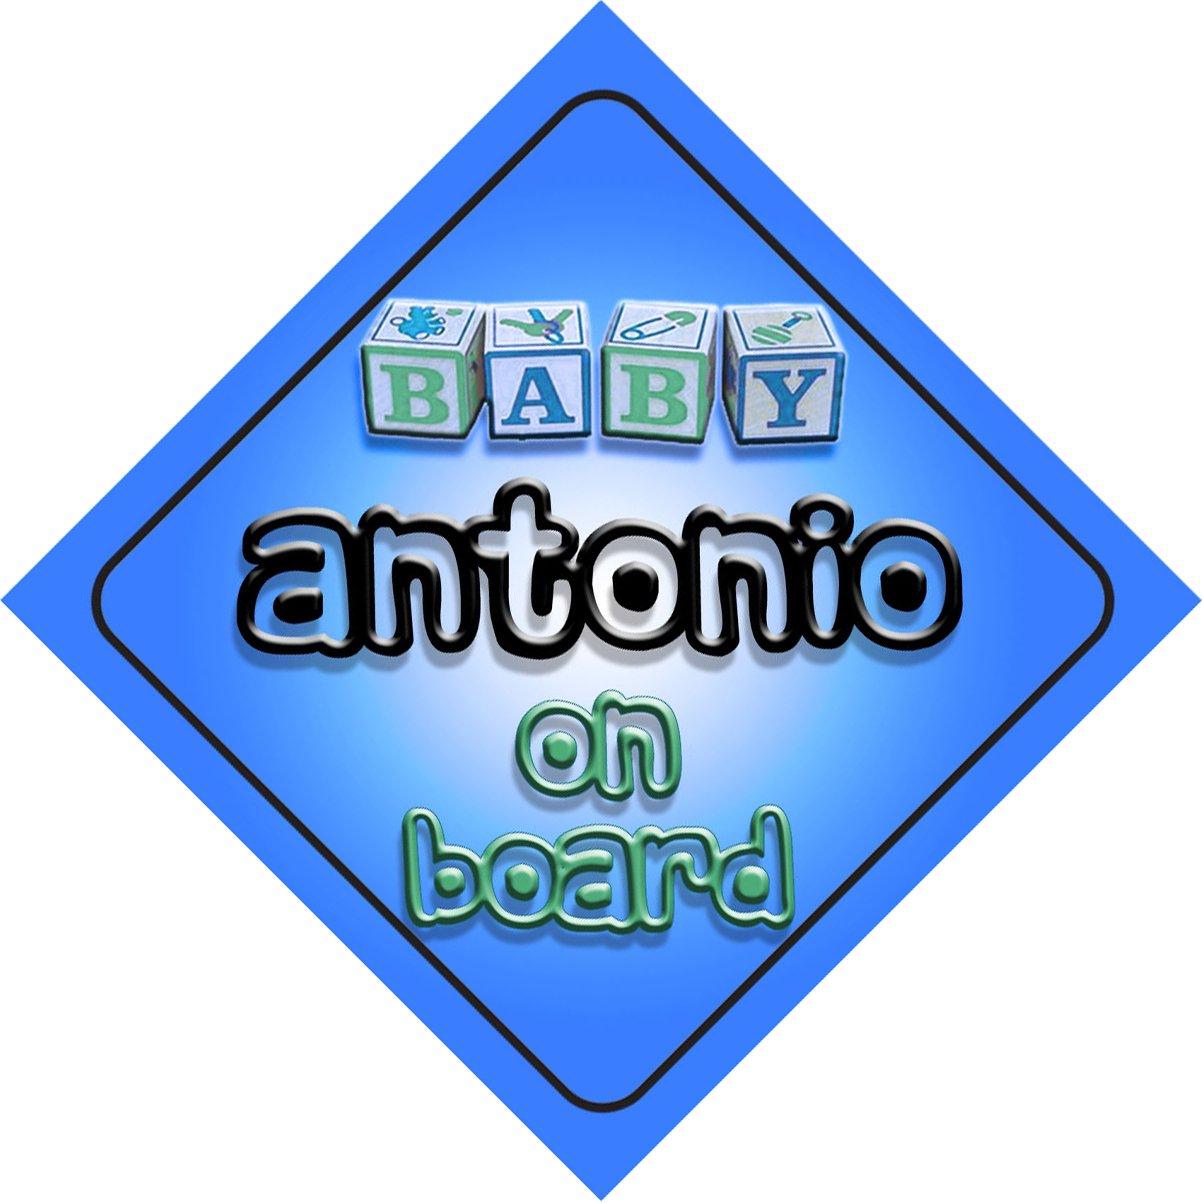 Bébé Garçon Antonio on Board fantaisie Panneau de voiture Cadeau/cadeau pour nouveau/enfant nouveau-né